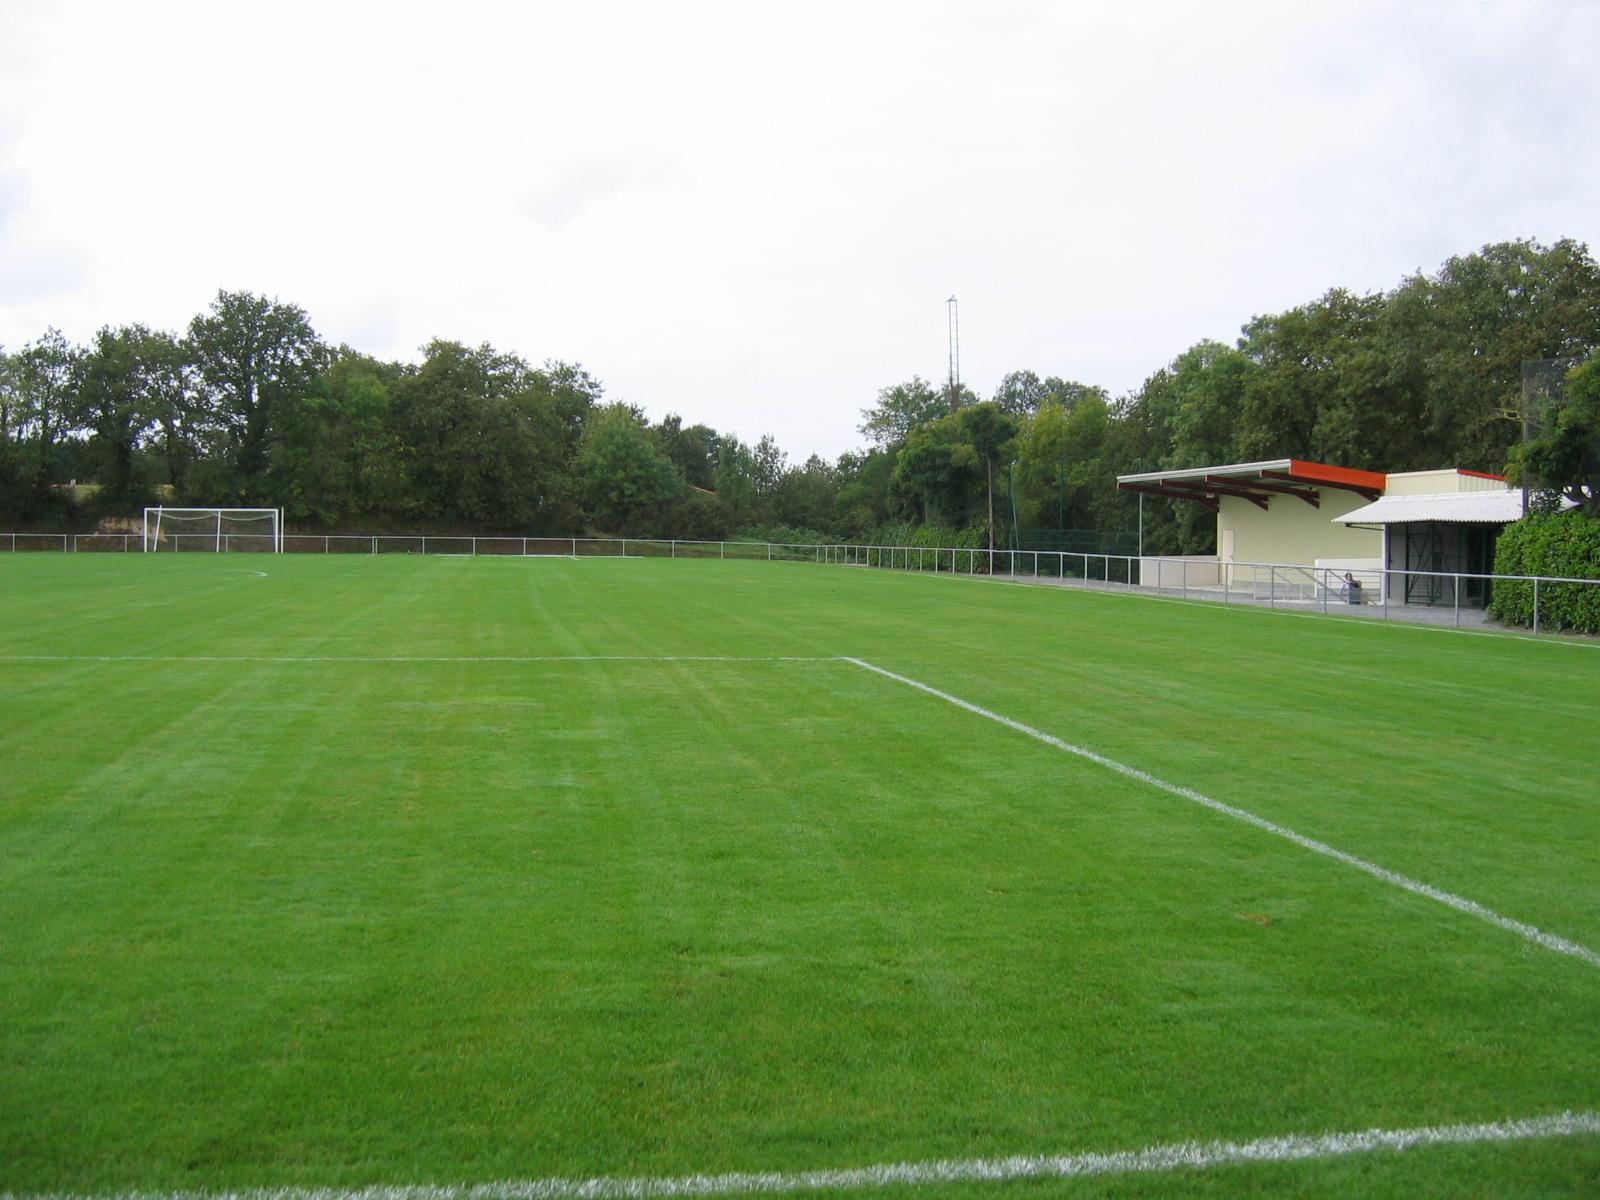 Stade Les Etangs